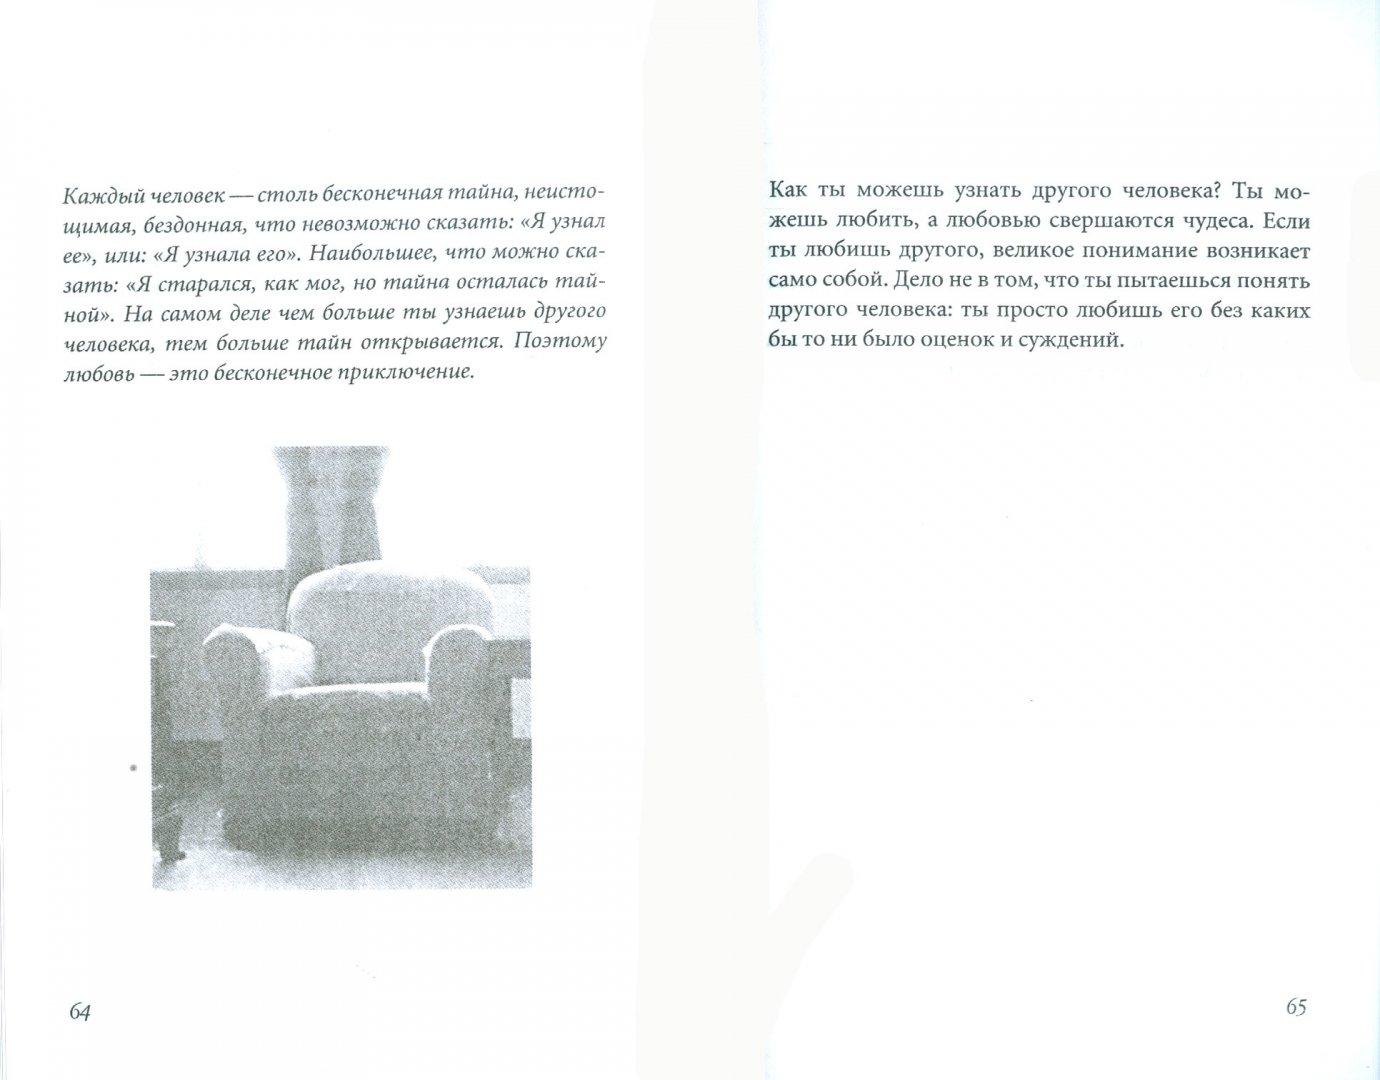 Иллюстрация 1 из 16 для О восприятии. Усомнись в своих ответах - Ошо Багван Шри Раджниш | Лабиринт - книги. Источник: Лабиринт